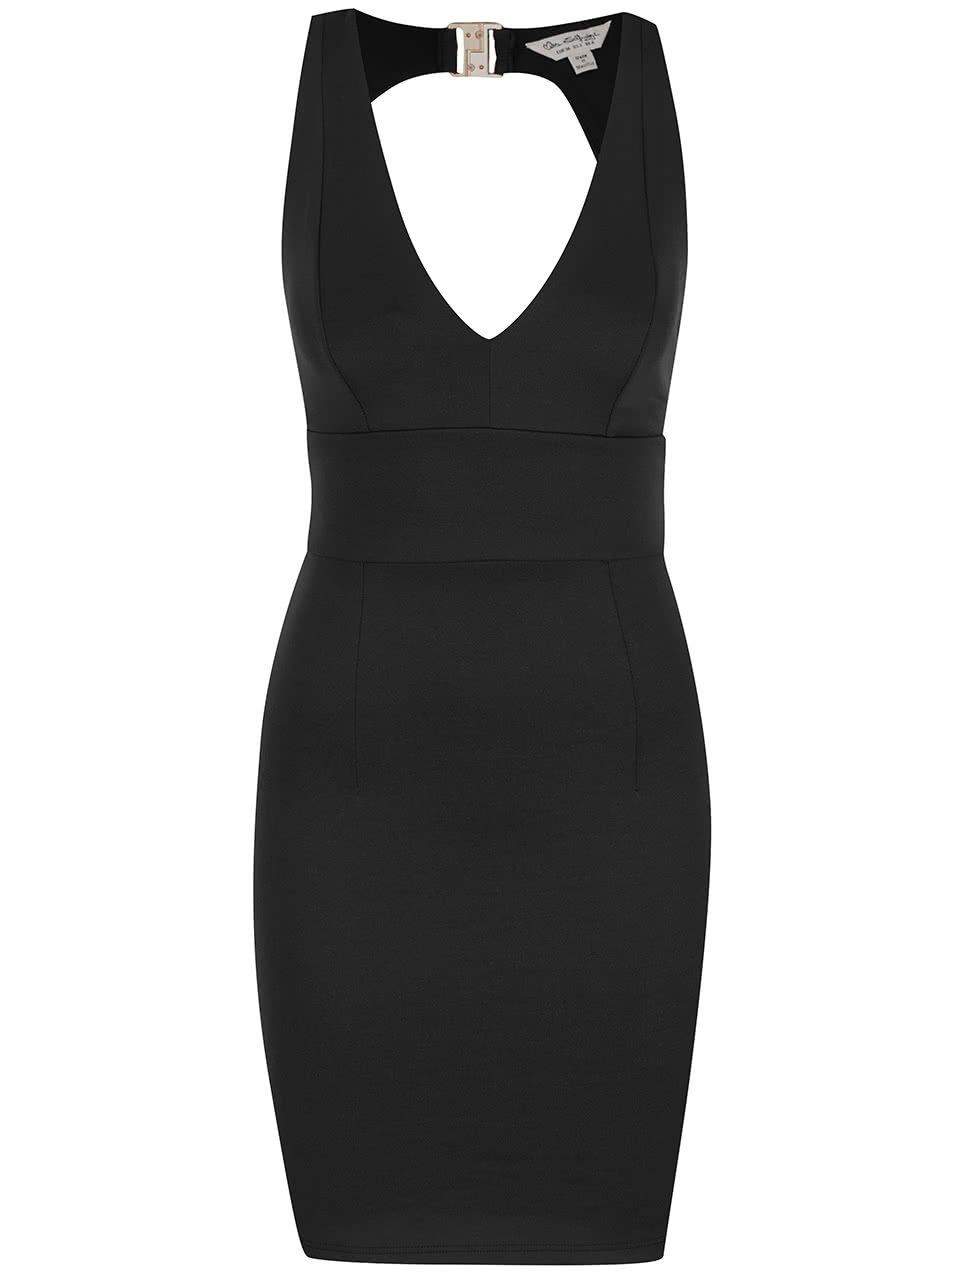 Černé elastické šaty s průstřihem na zádech Miss Selfridge